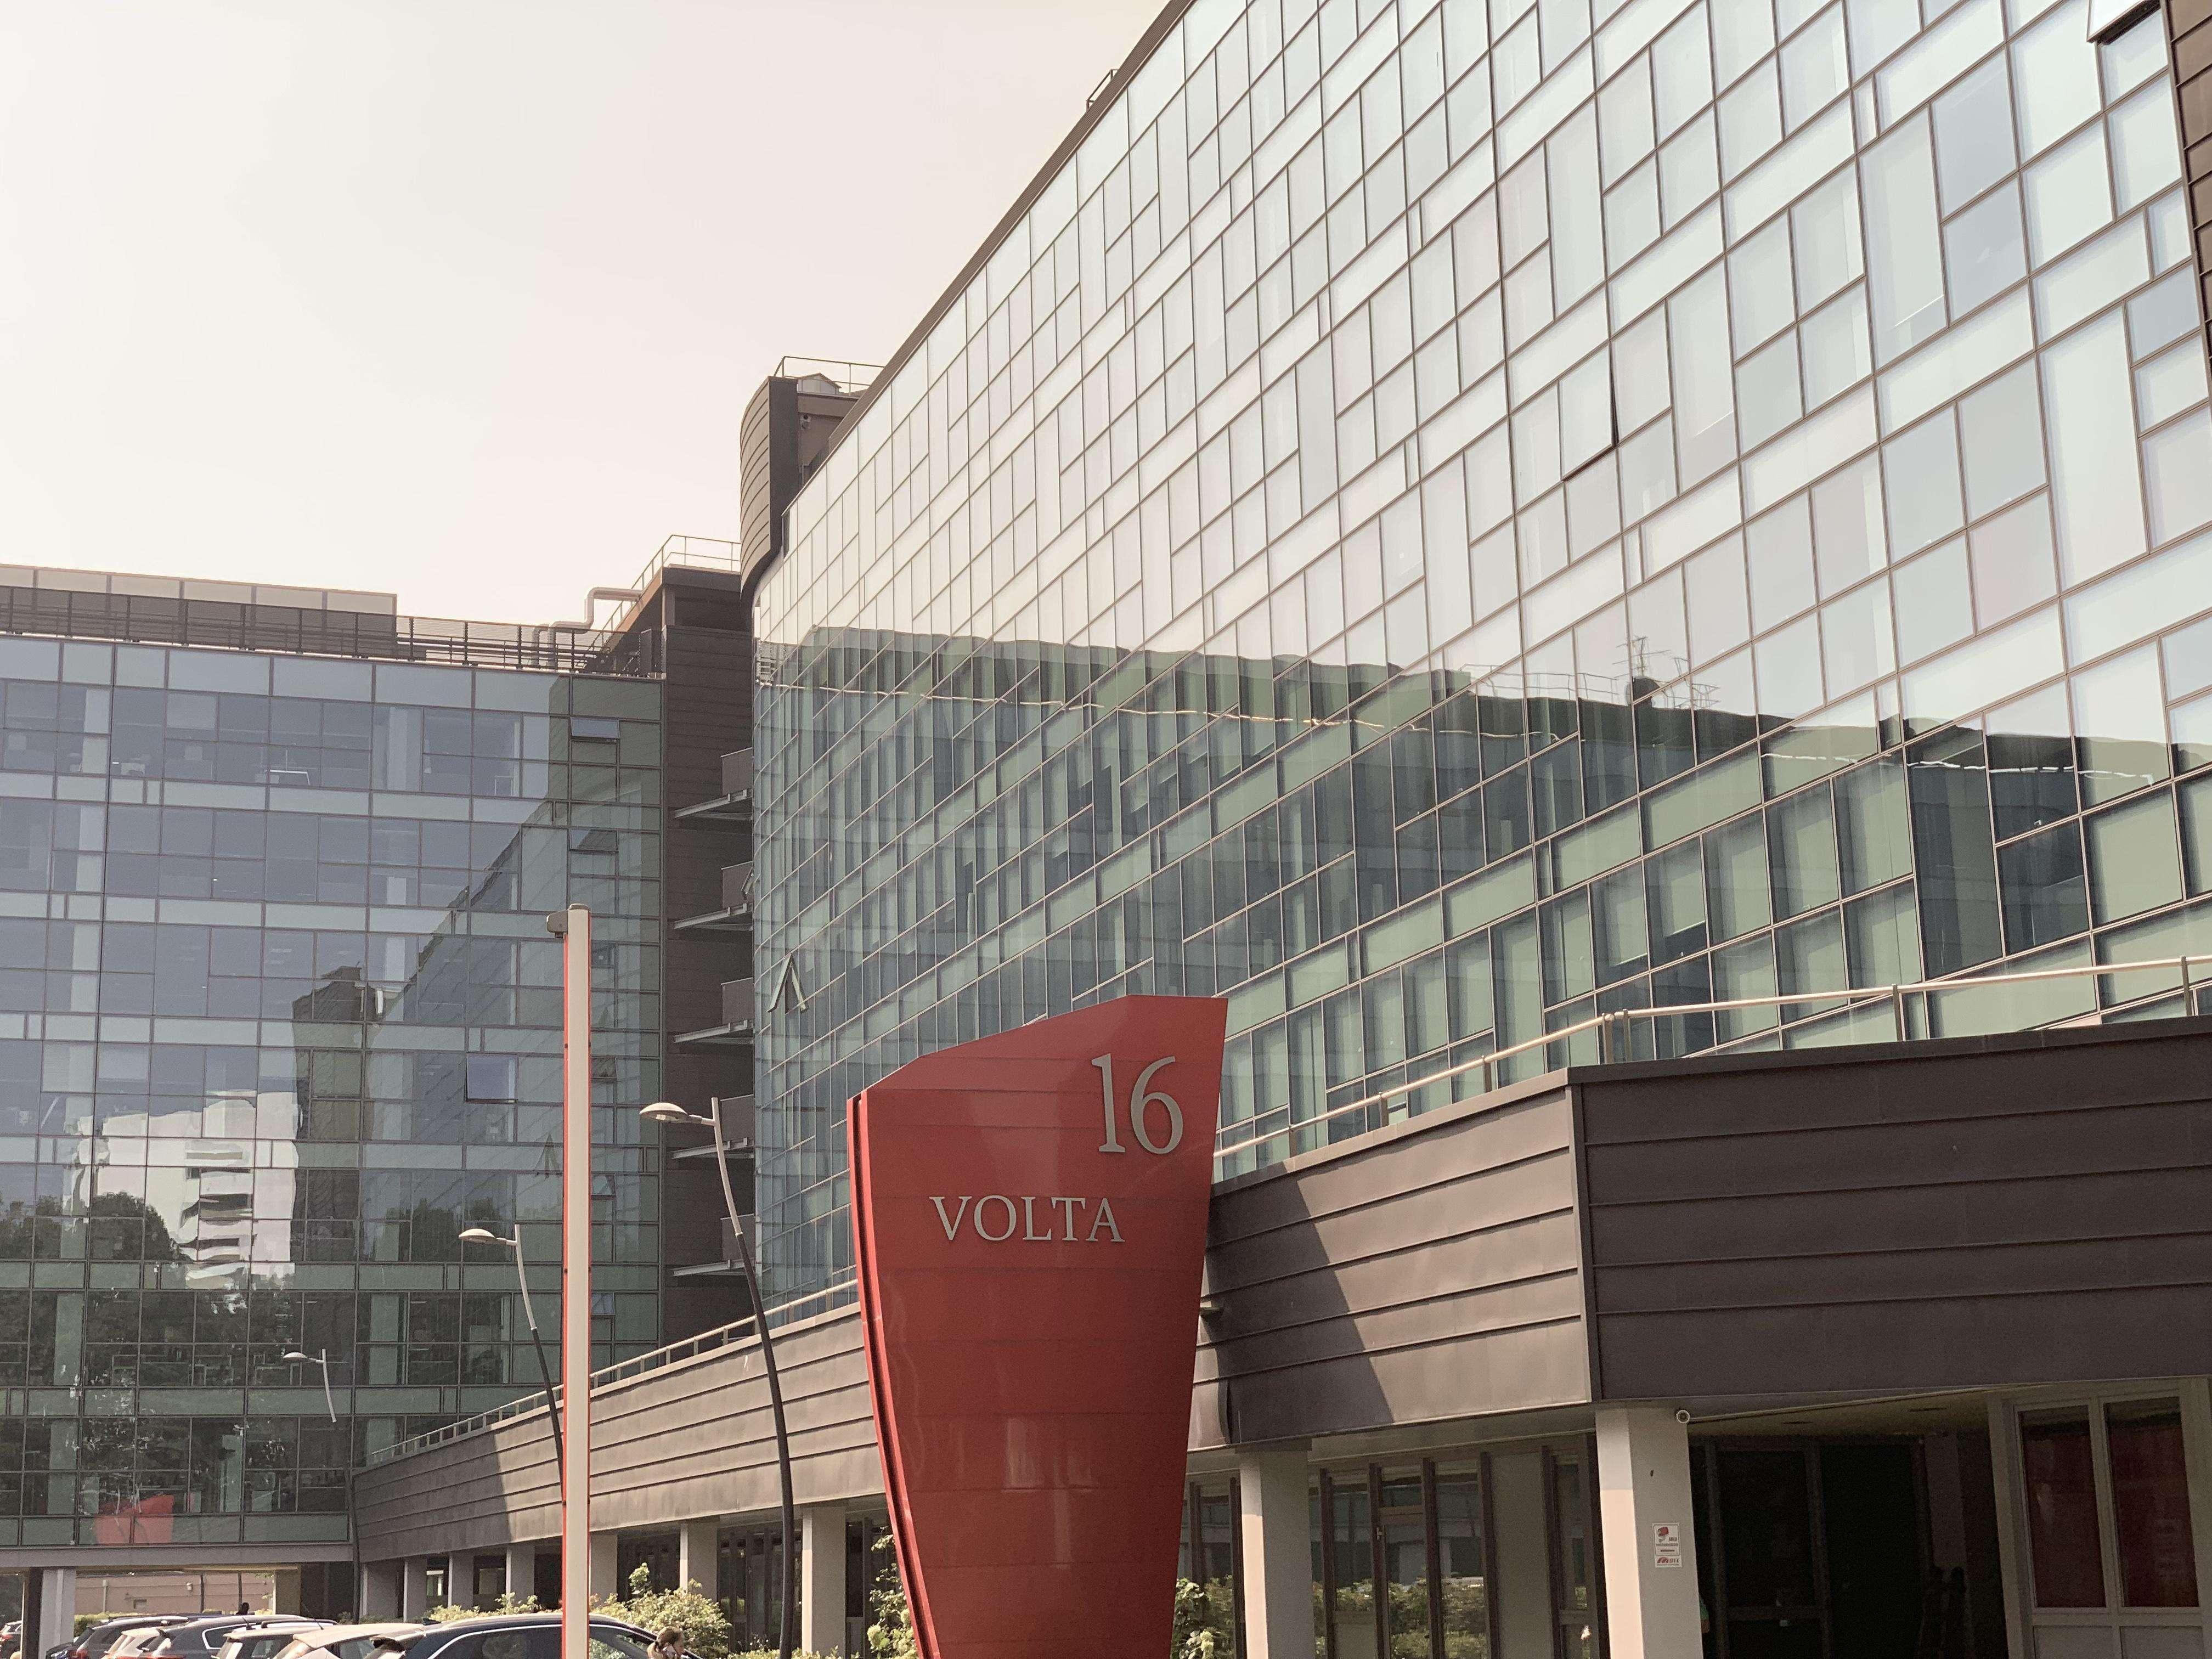 Agenzie Immobiliari Cologno Monzese cologno monzese - via volta 16   prelios corporate website